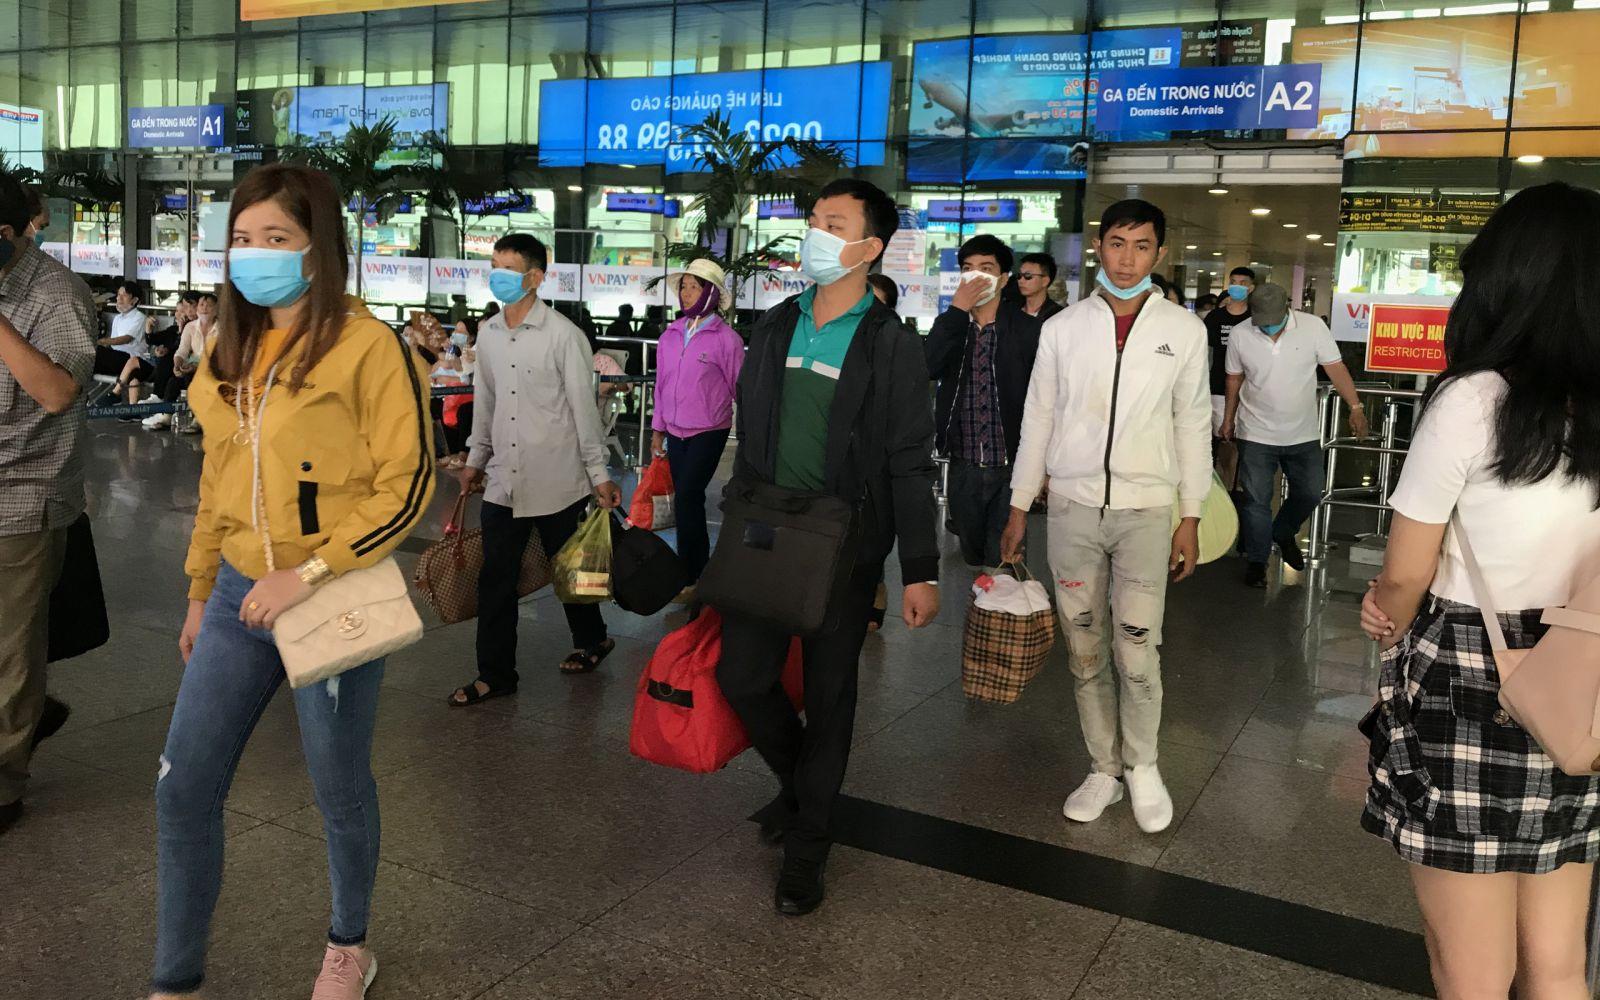 Chủ tịch UBND TP Nguyễn Thành Phong cũng yêu cầu, trong thời gian tới TP cần tiếp tục thực hiện các biện pháp phòng chống dịch tại ga tàu, bến xe...